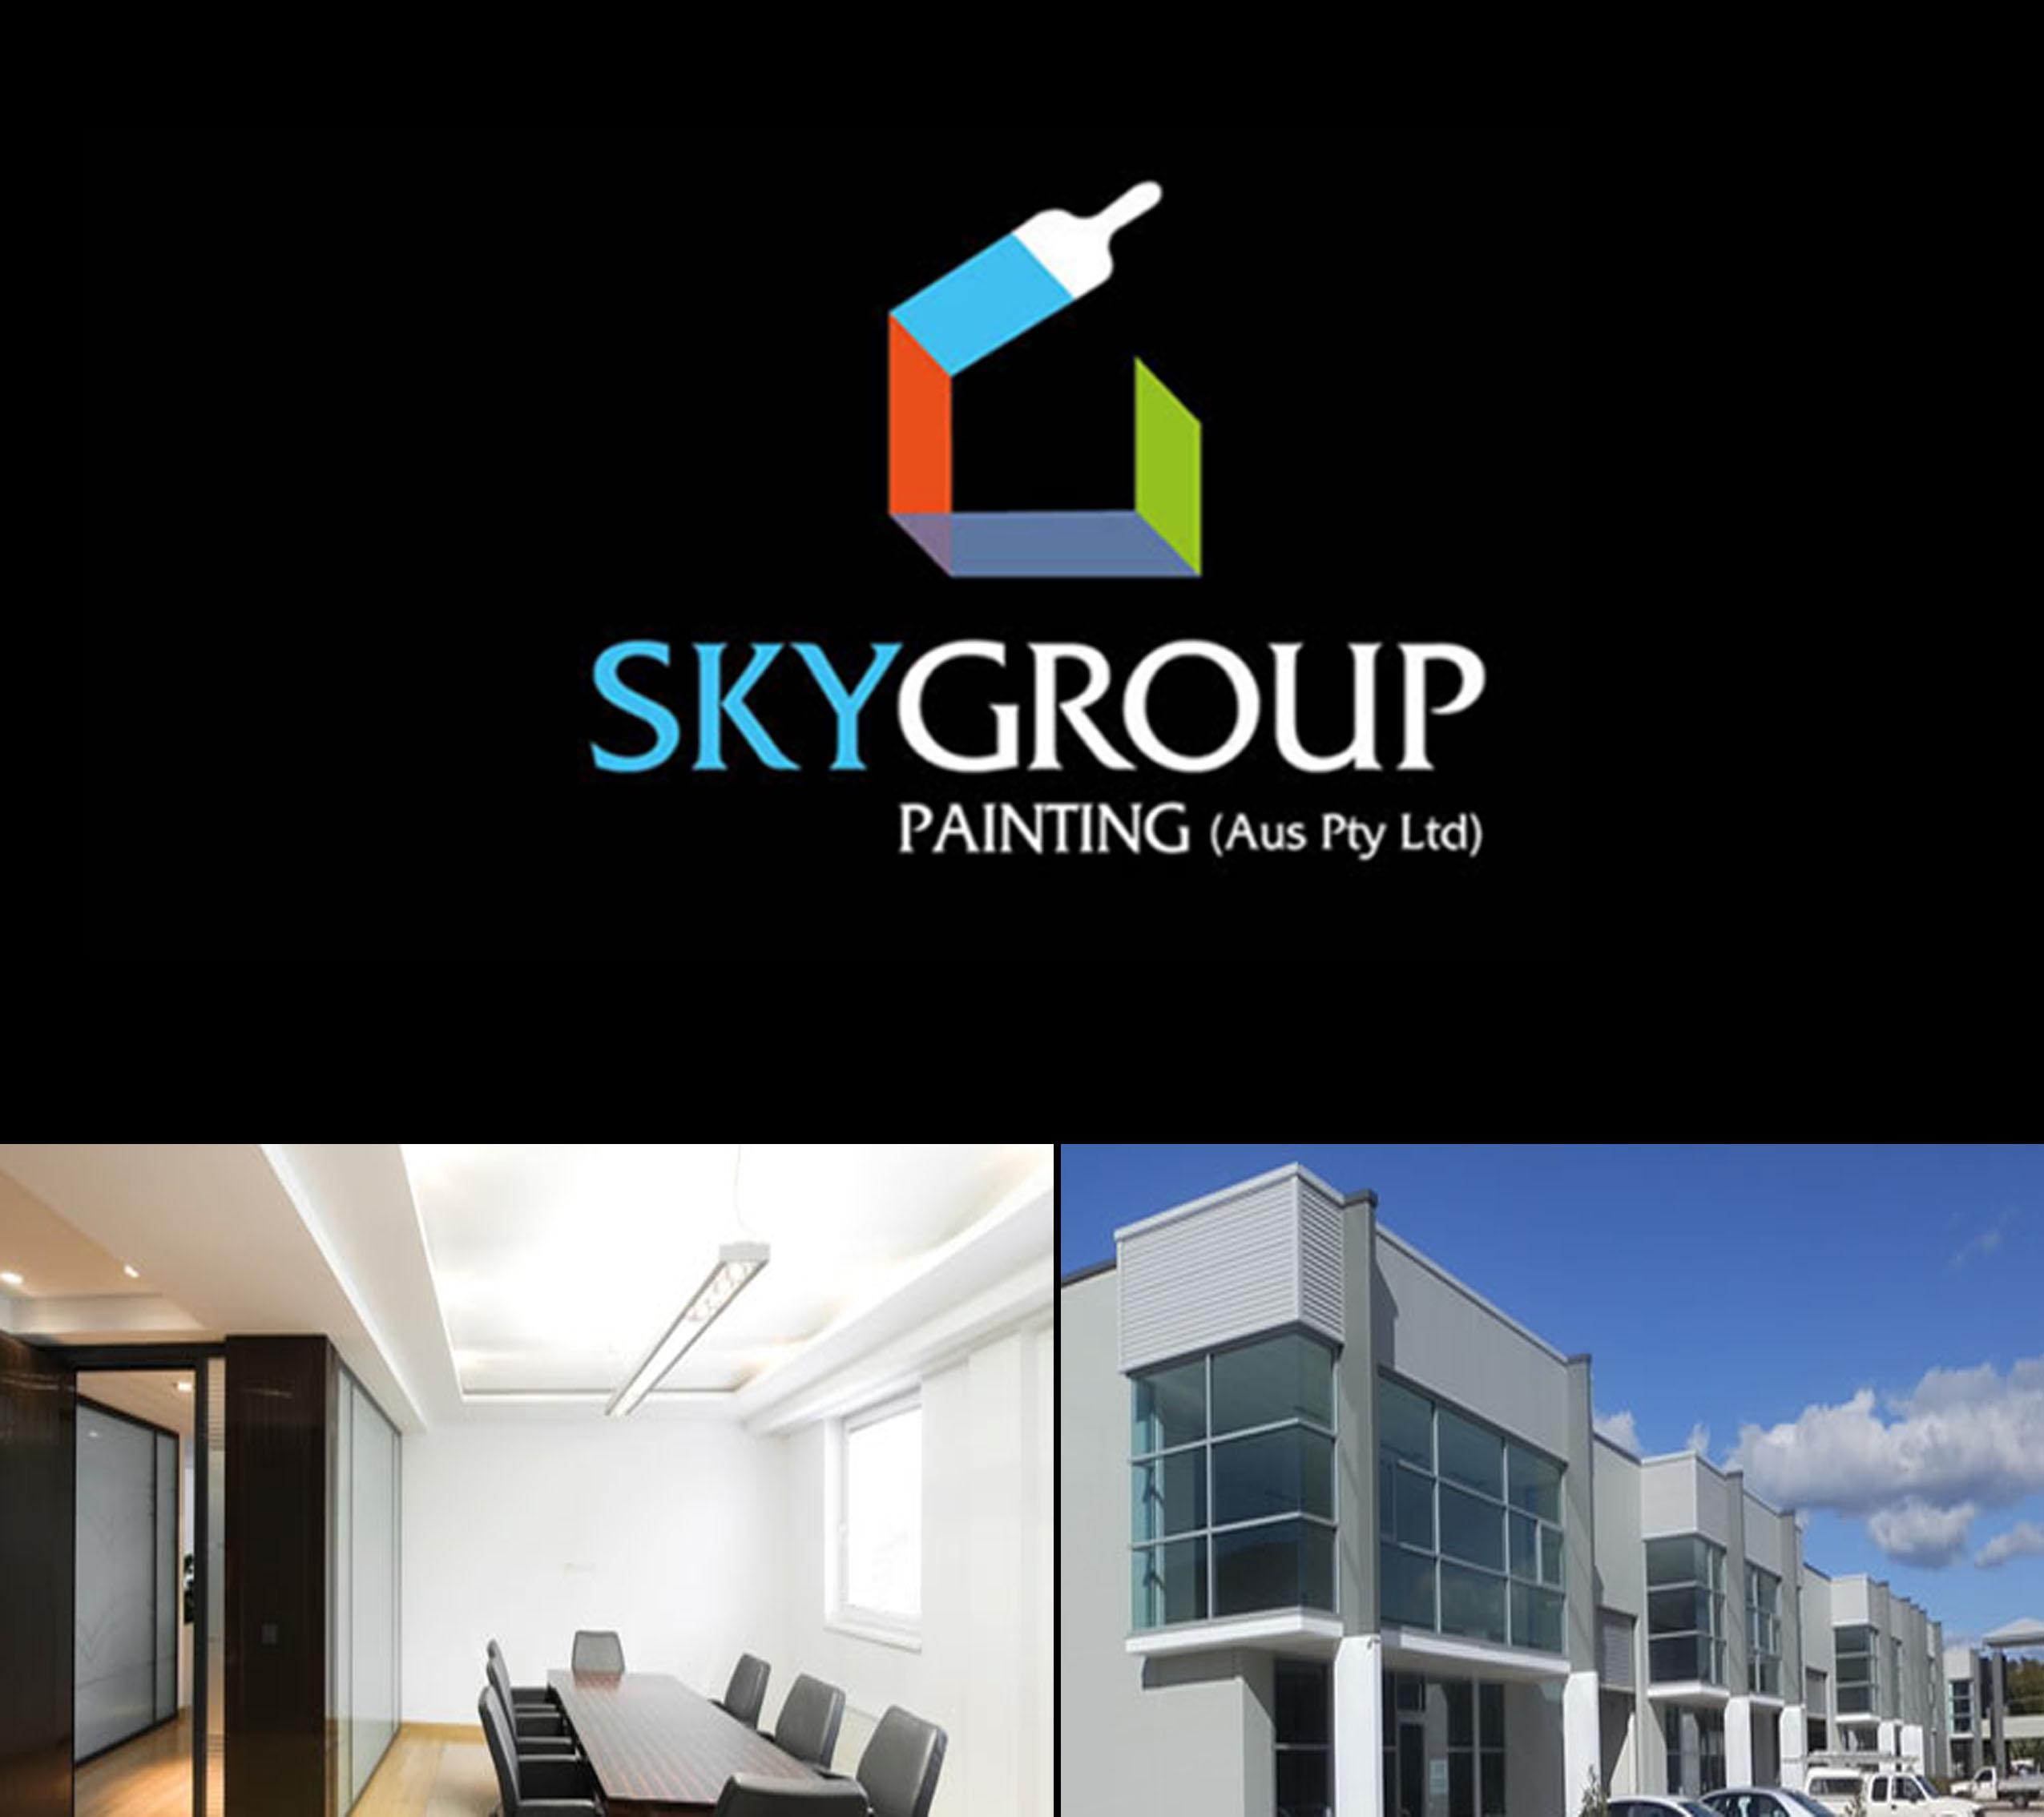 Sky Group Painting Aus Pty Ltd